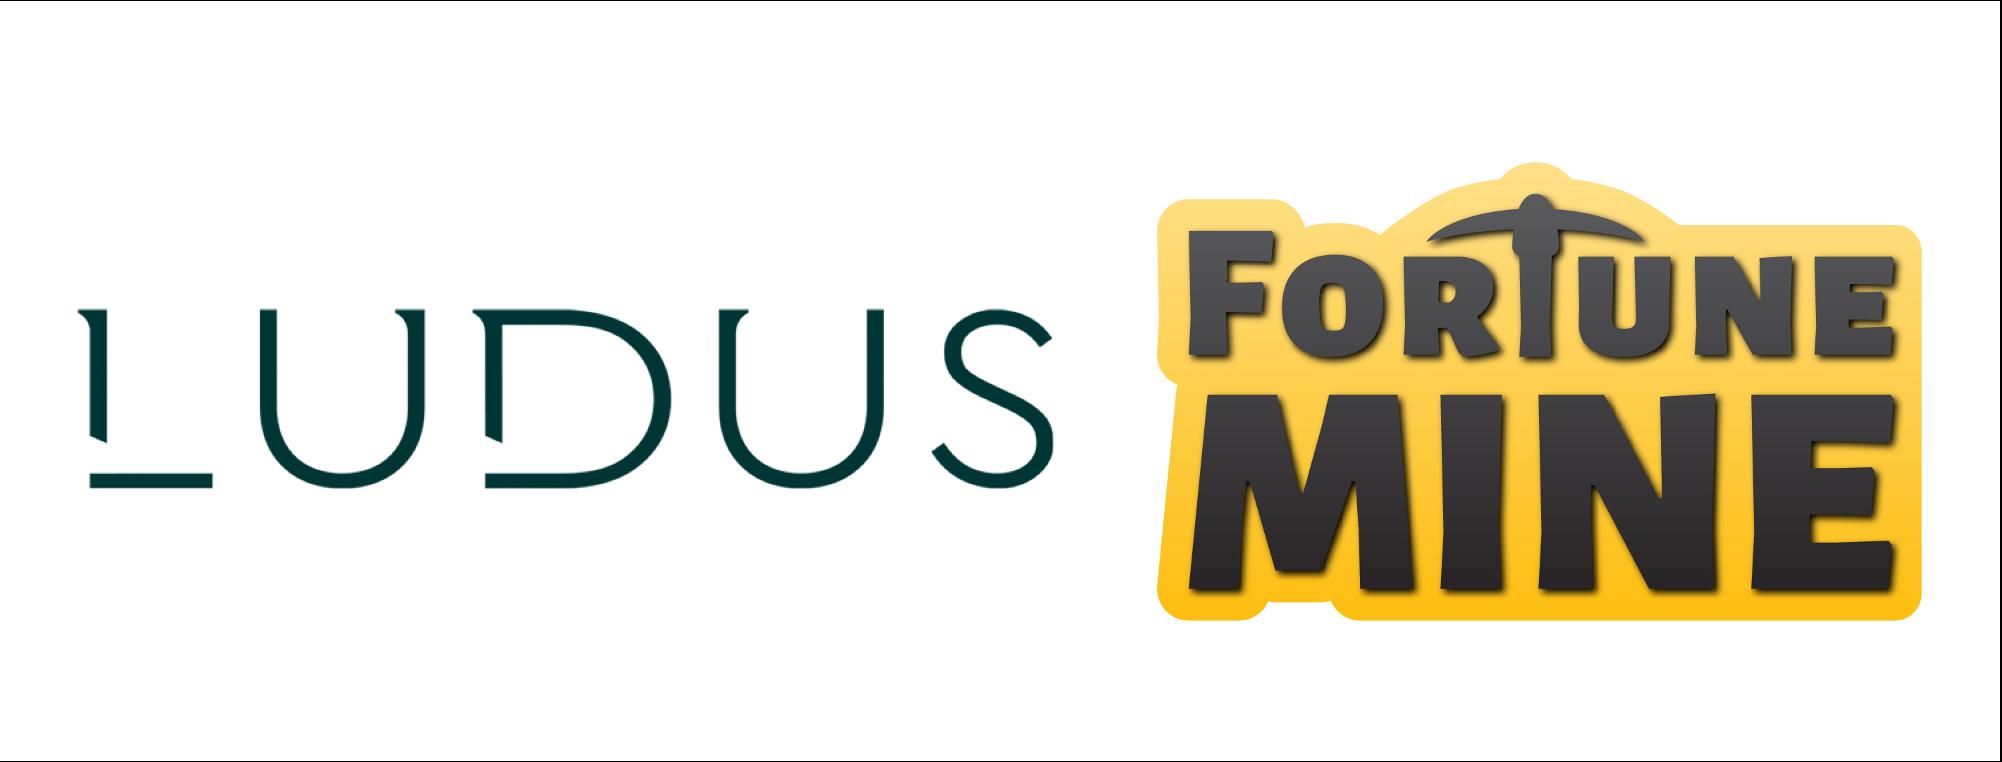 Ludus-FortuneMine